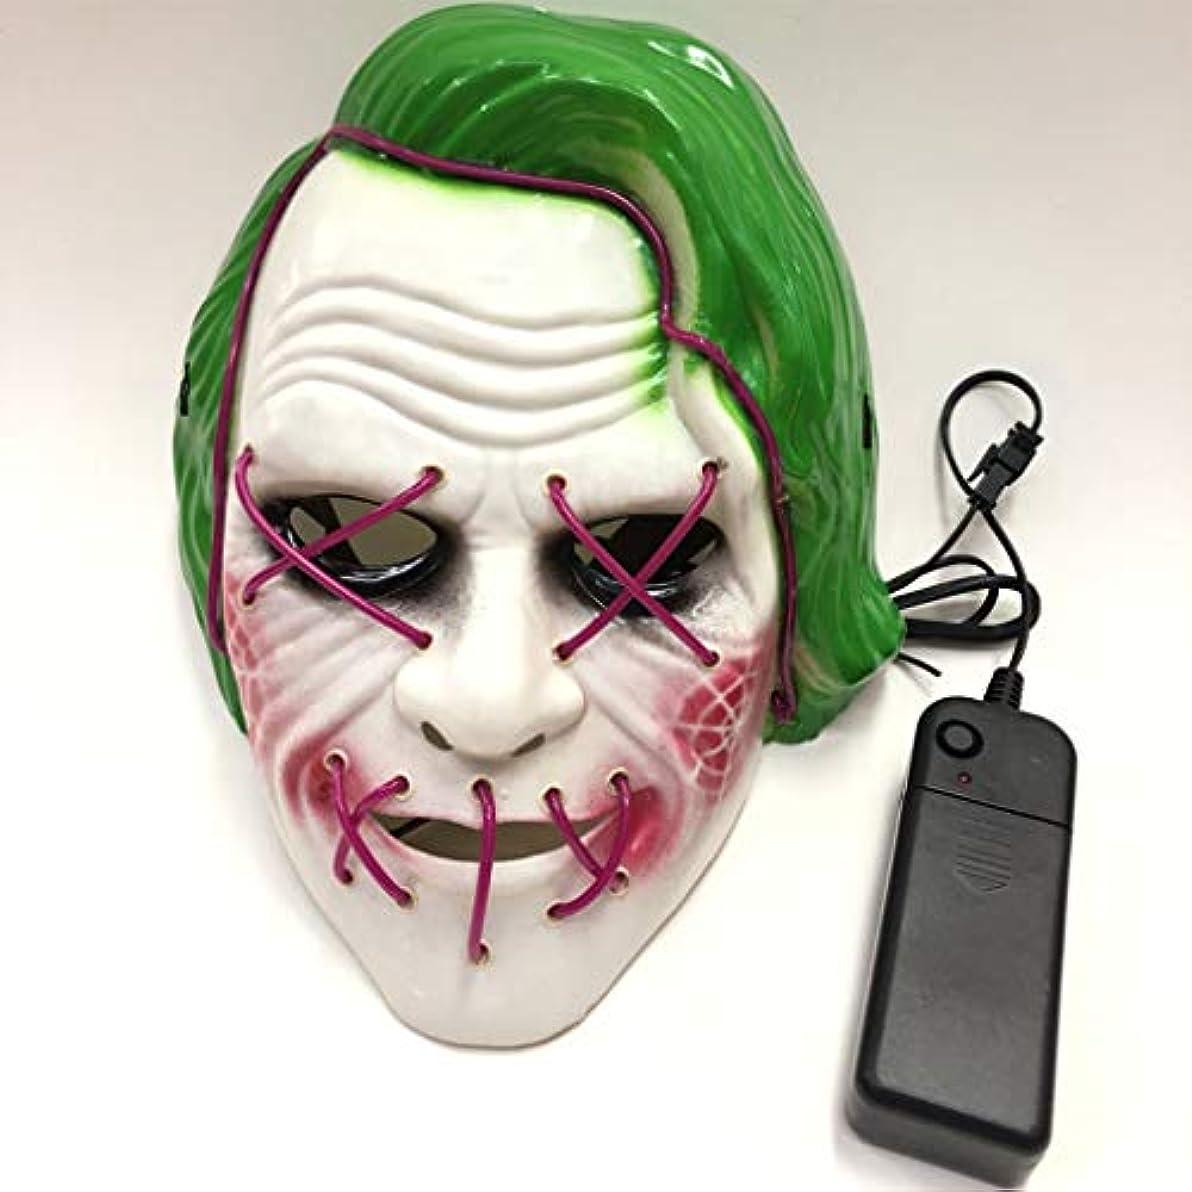 アームストロング思慮のない誠意LEDハロウィーンマスクライトアップマスクグローイングマスク、ハロウィーンコスプレ、ブルー